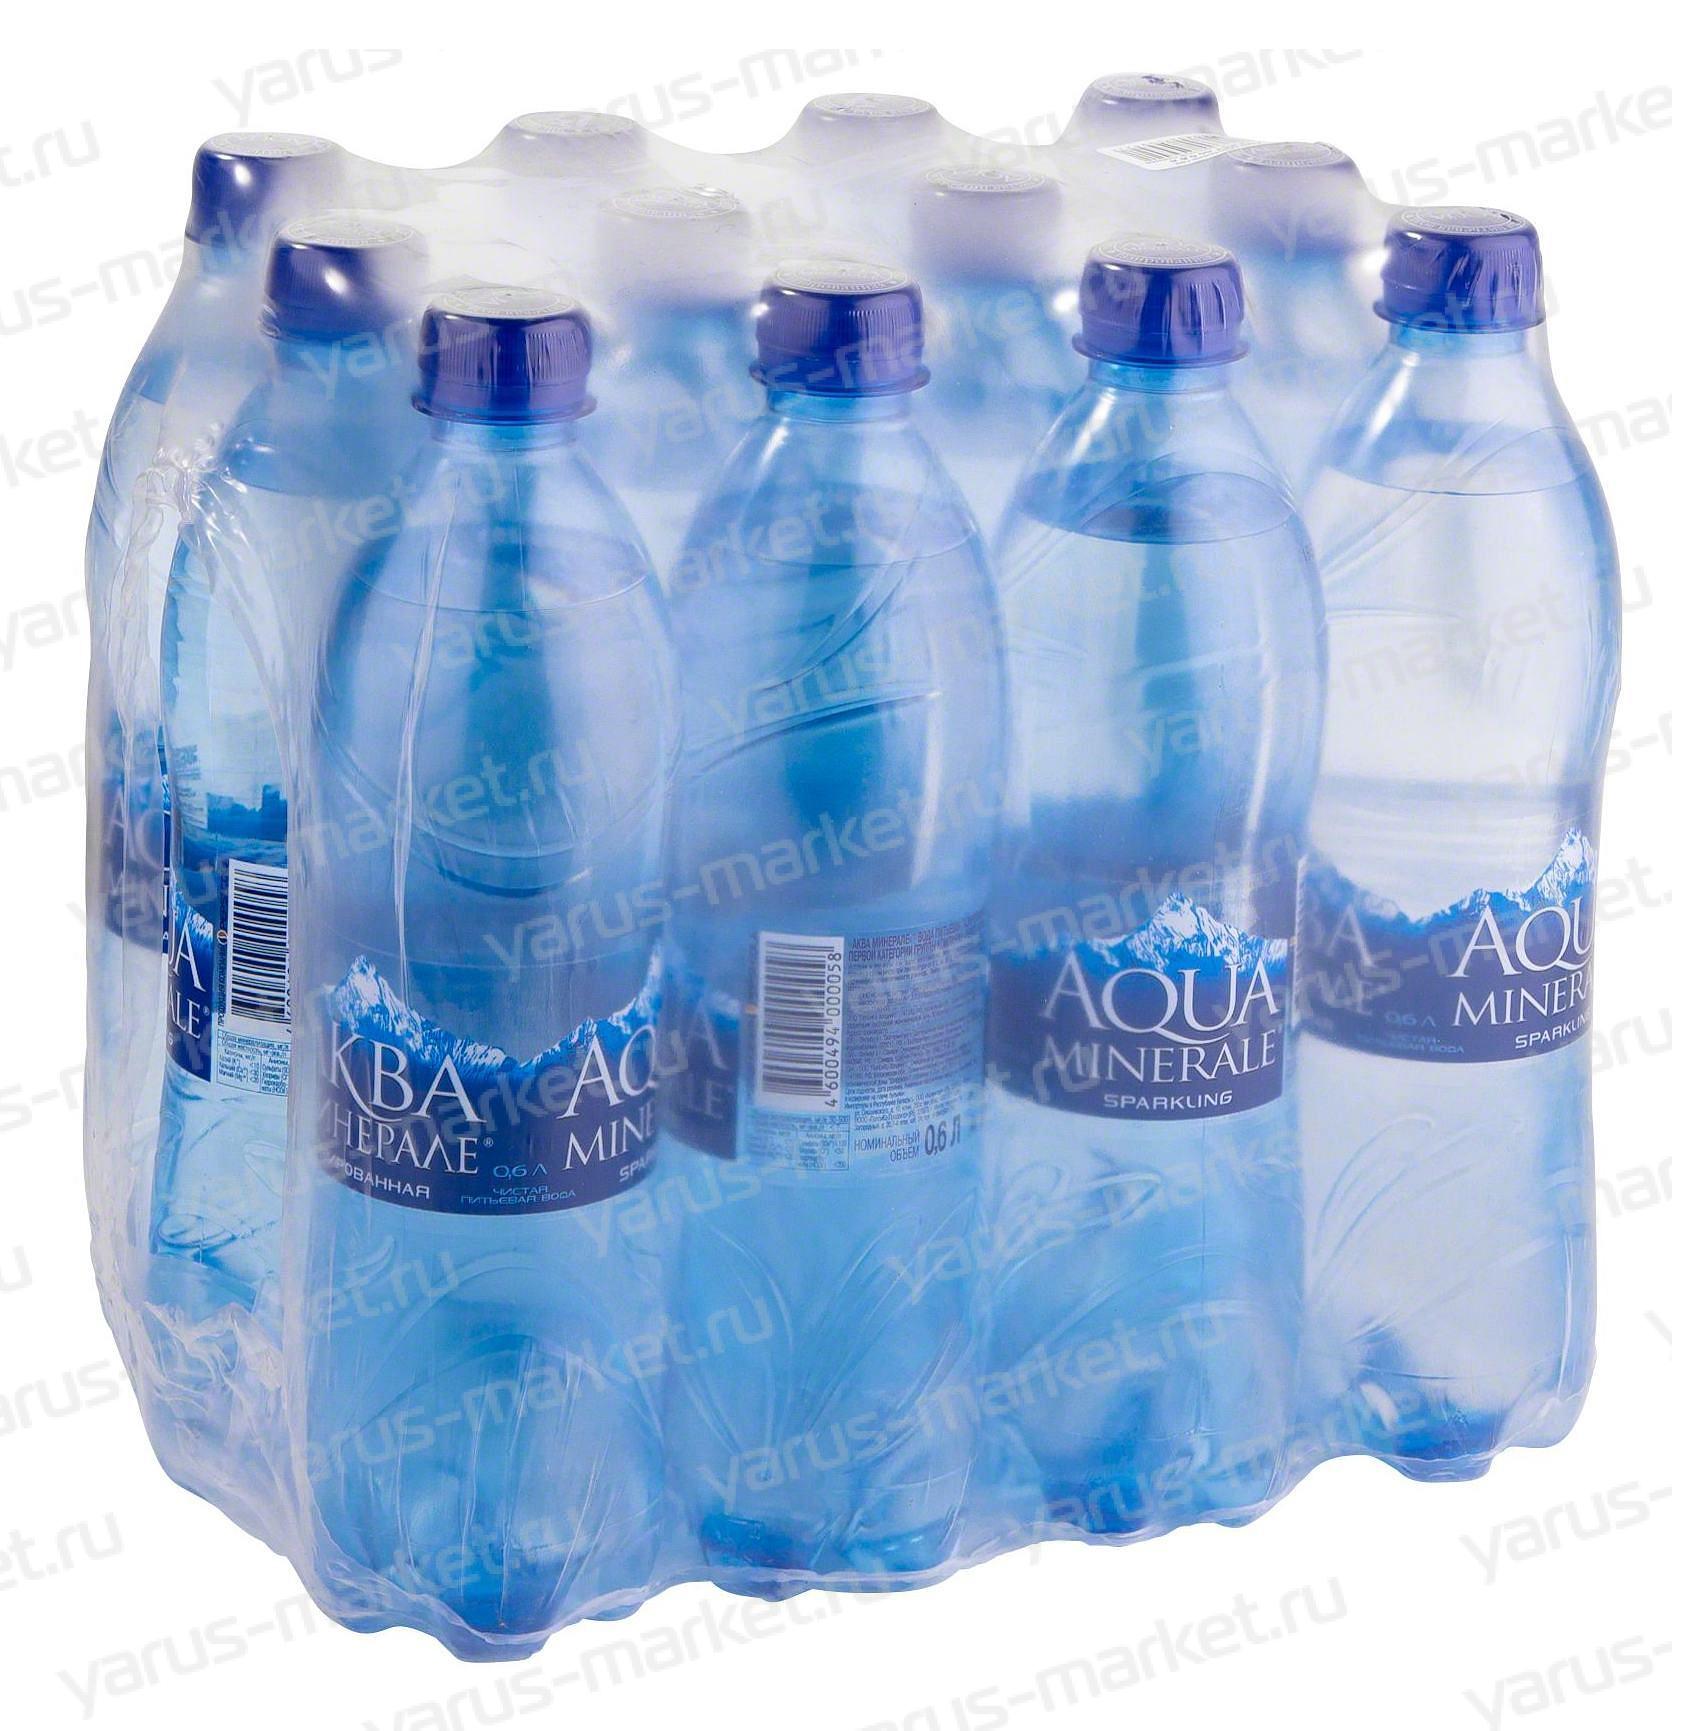 """Бутылки в гибкой упаковке. Купить гибкую упаковку для групповой продукции оптом в магазине """"ЯрусМаркет"""""""